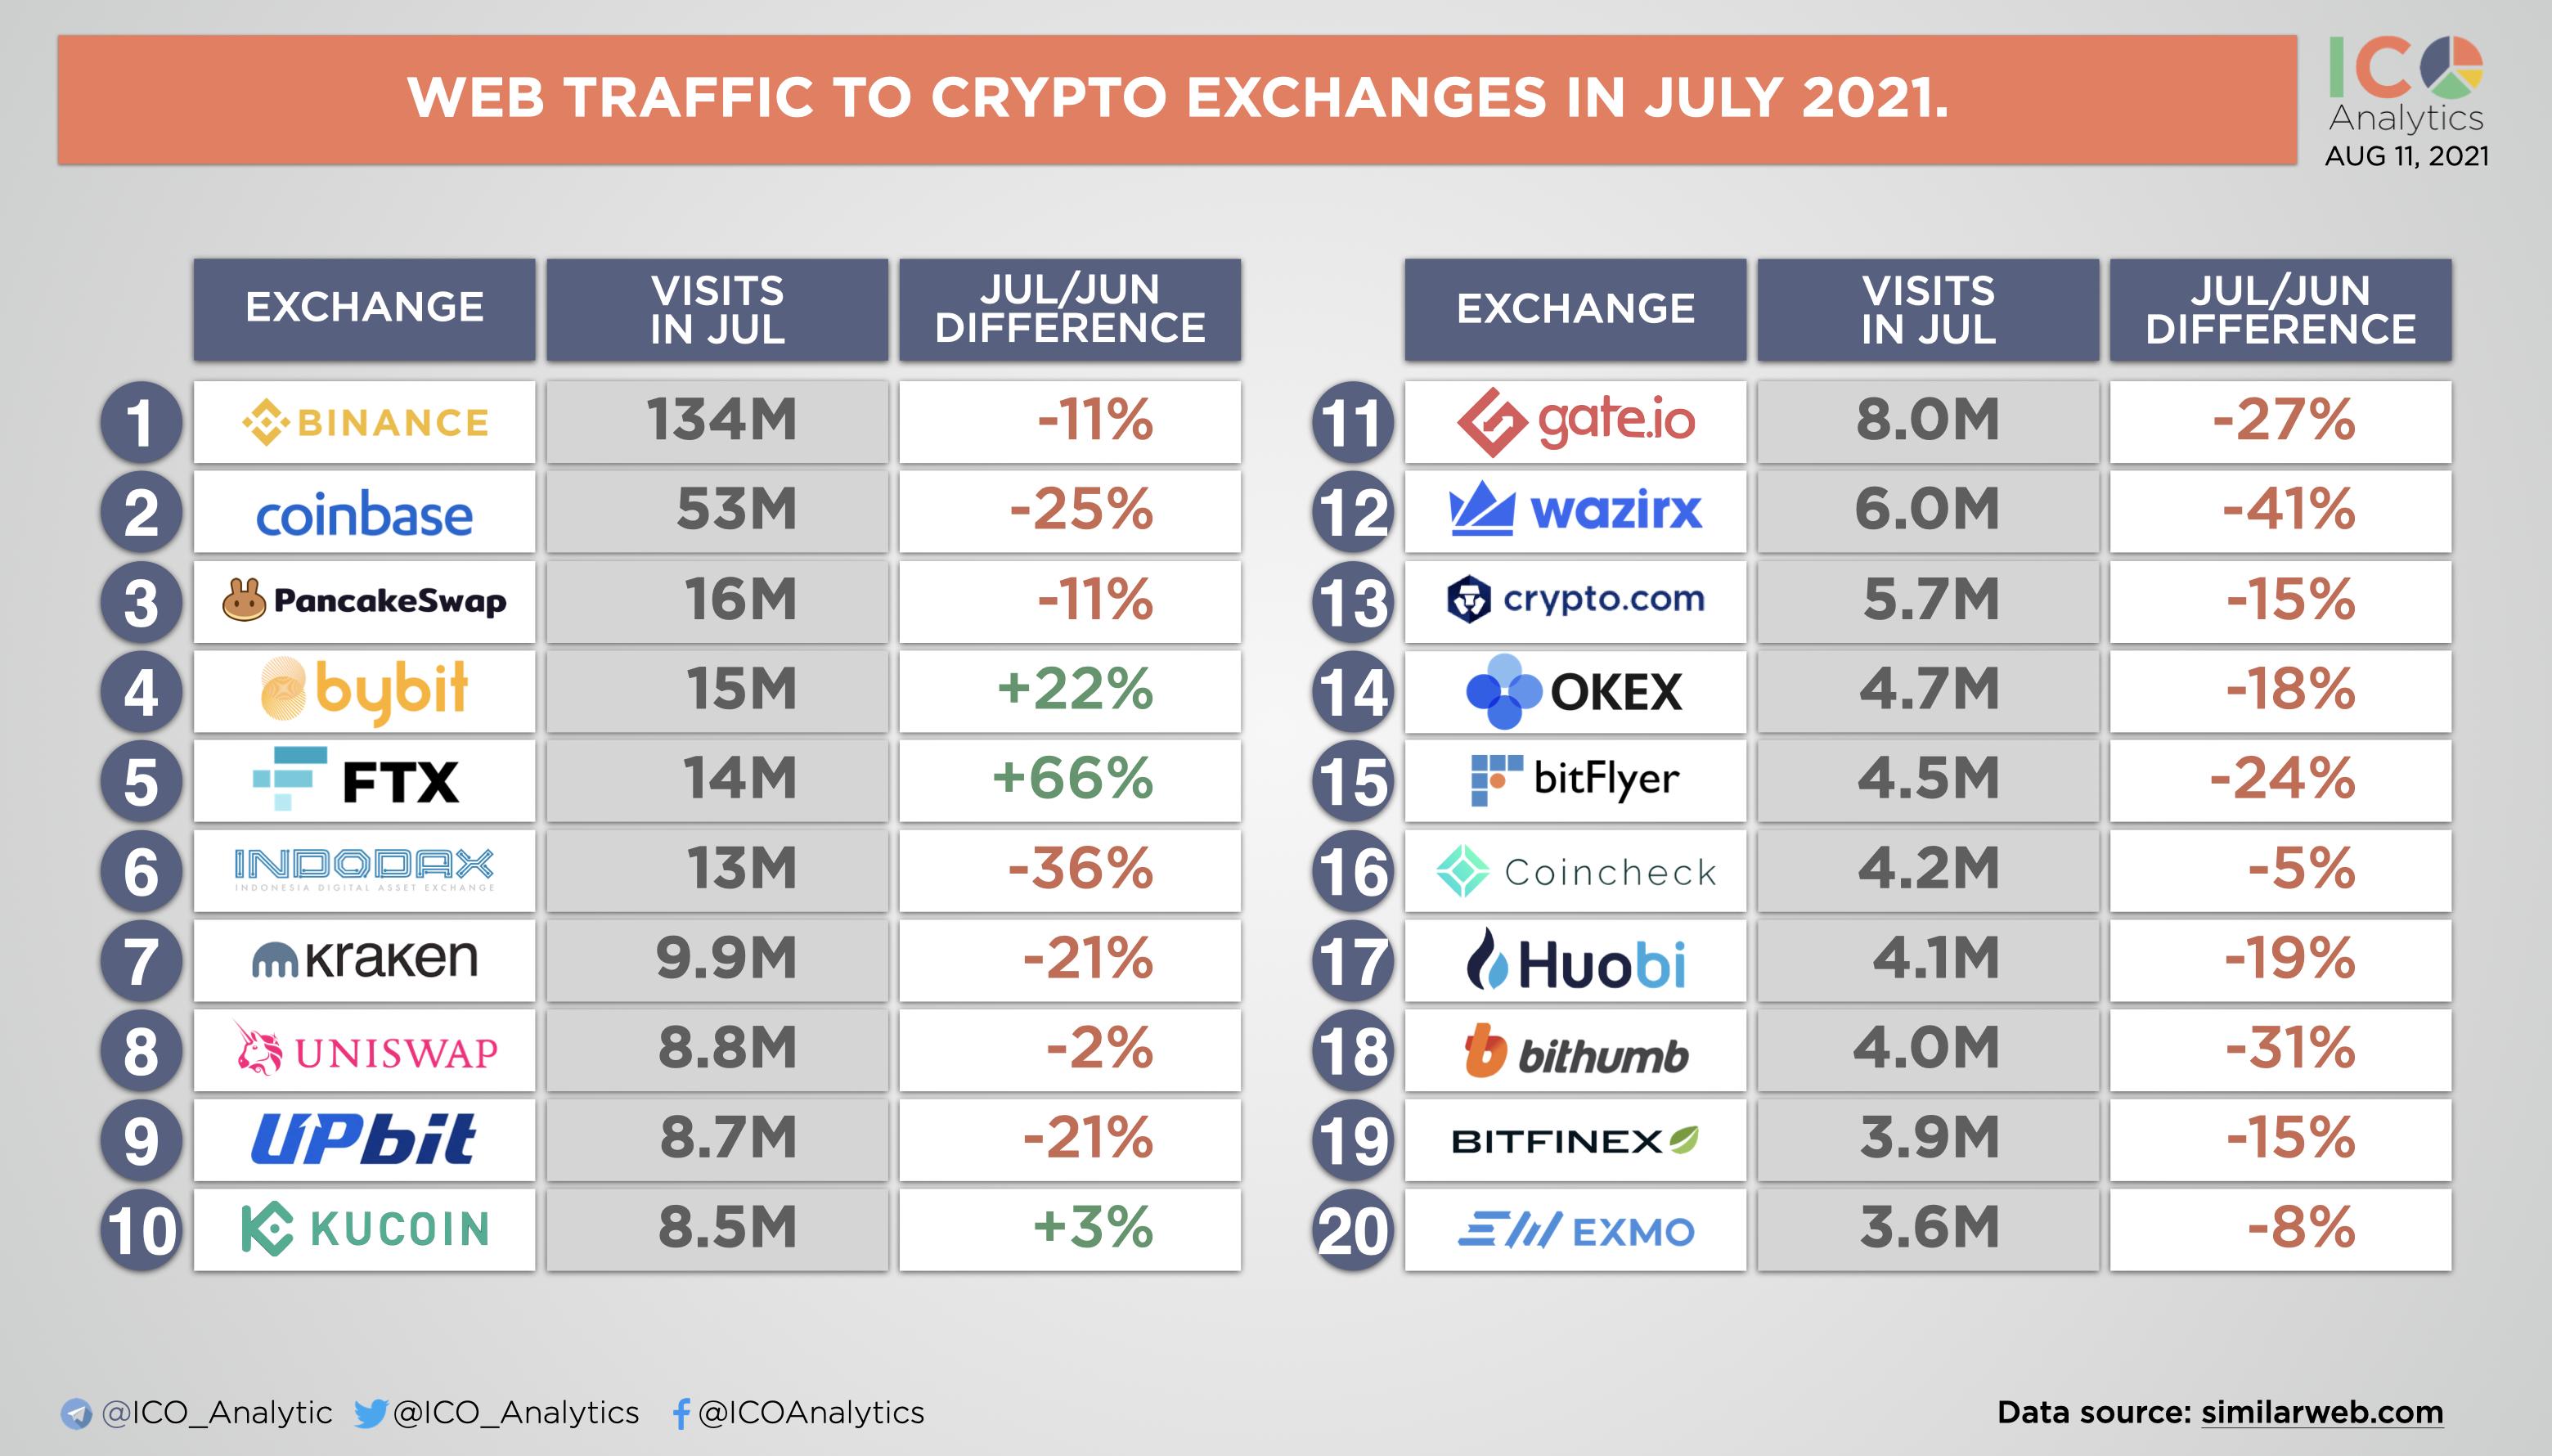 数据:7月份加密交易所平均网站流量环比减少15%,FTX环比增加66%